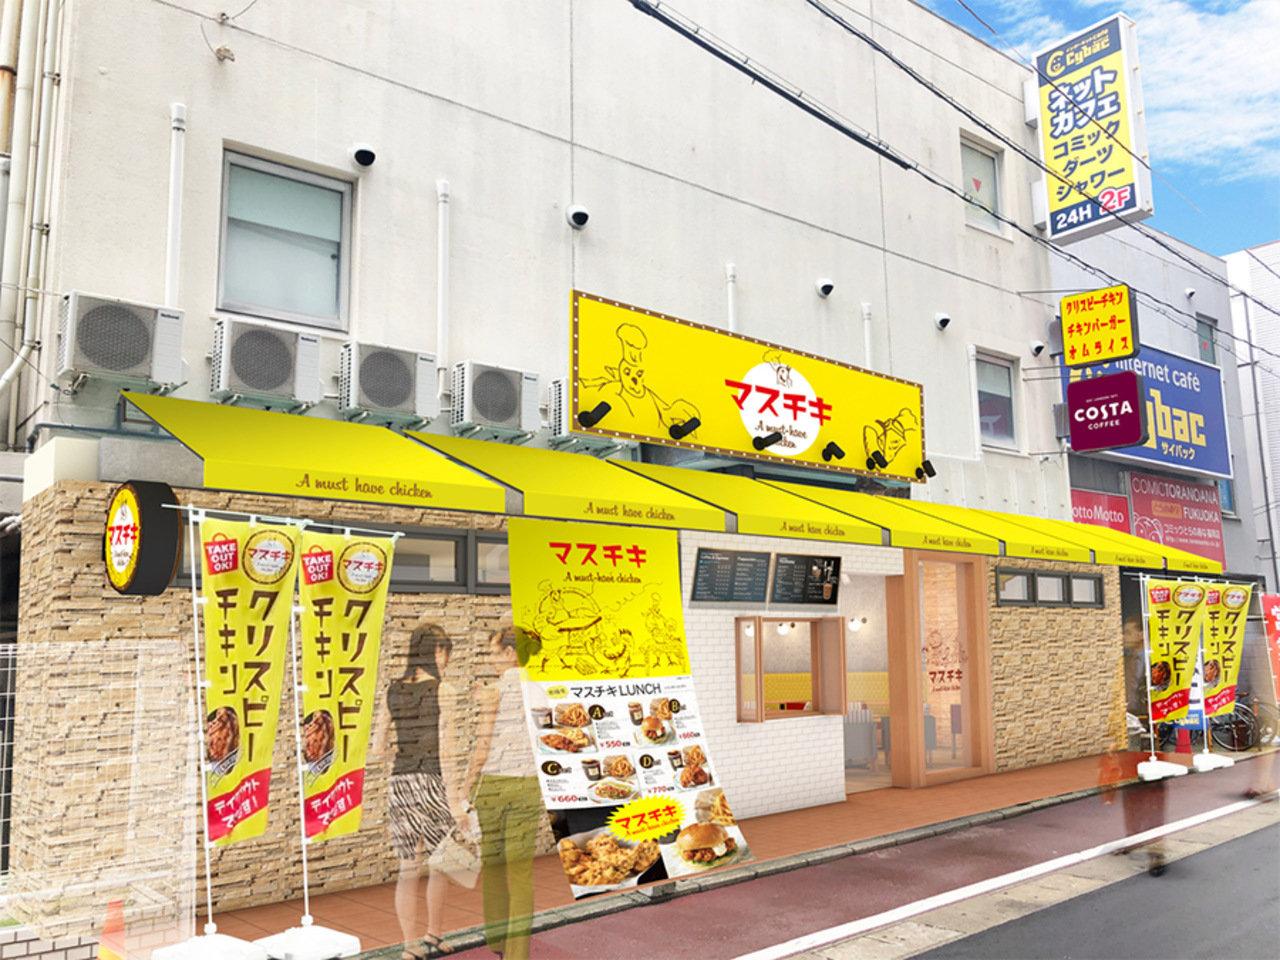 福岡発オリジナルチキン専門店が7月15日に天神にオープン!